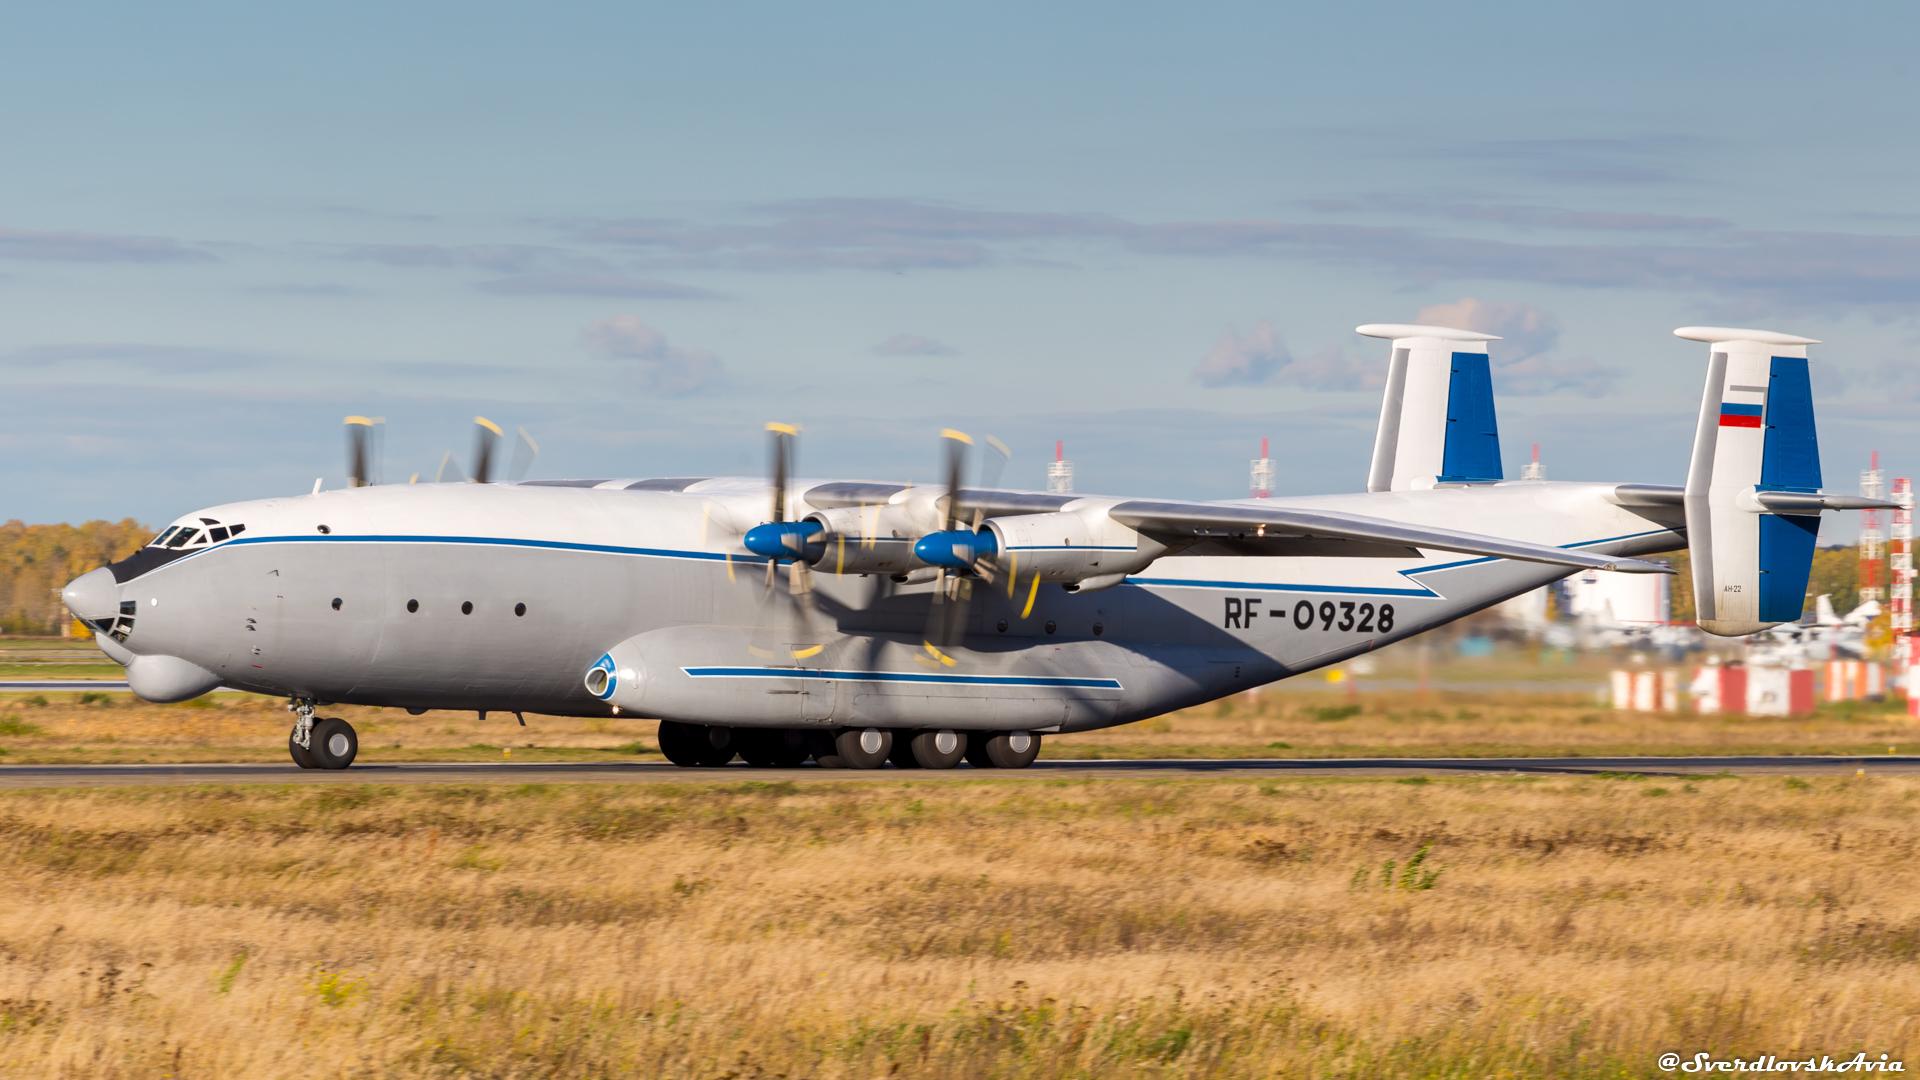 Самый большой в мире транспортный турбовинтовой самолет.